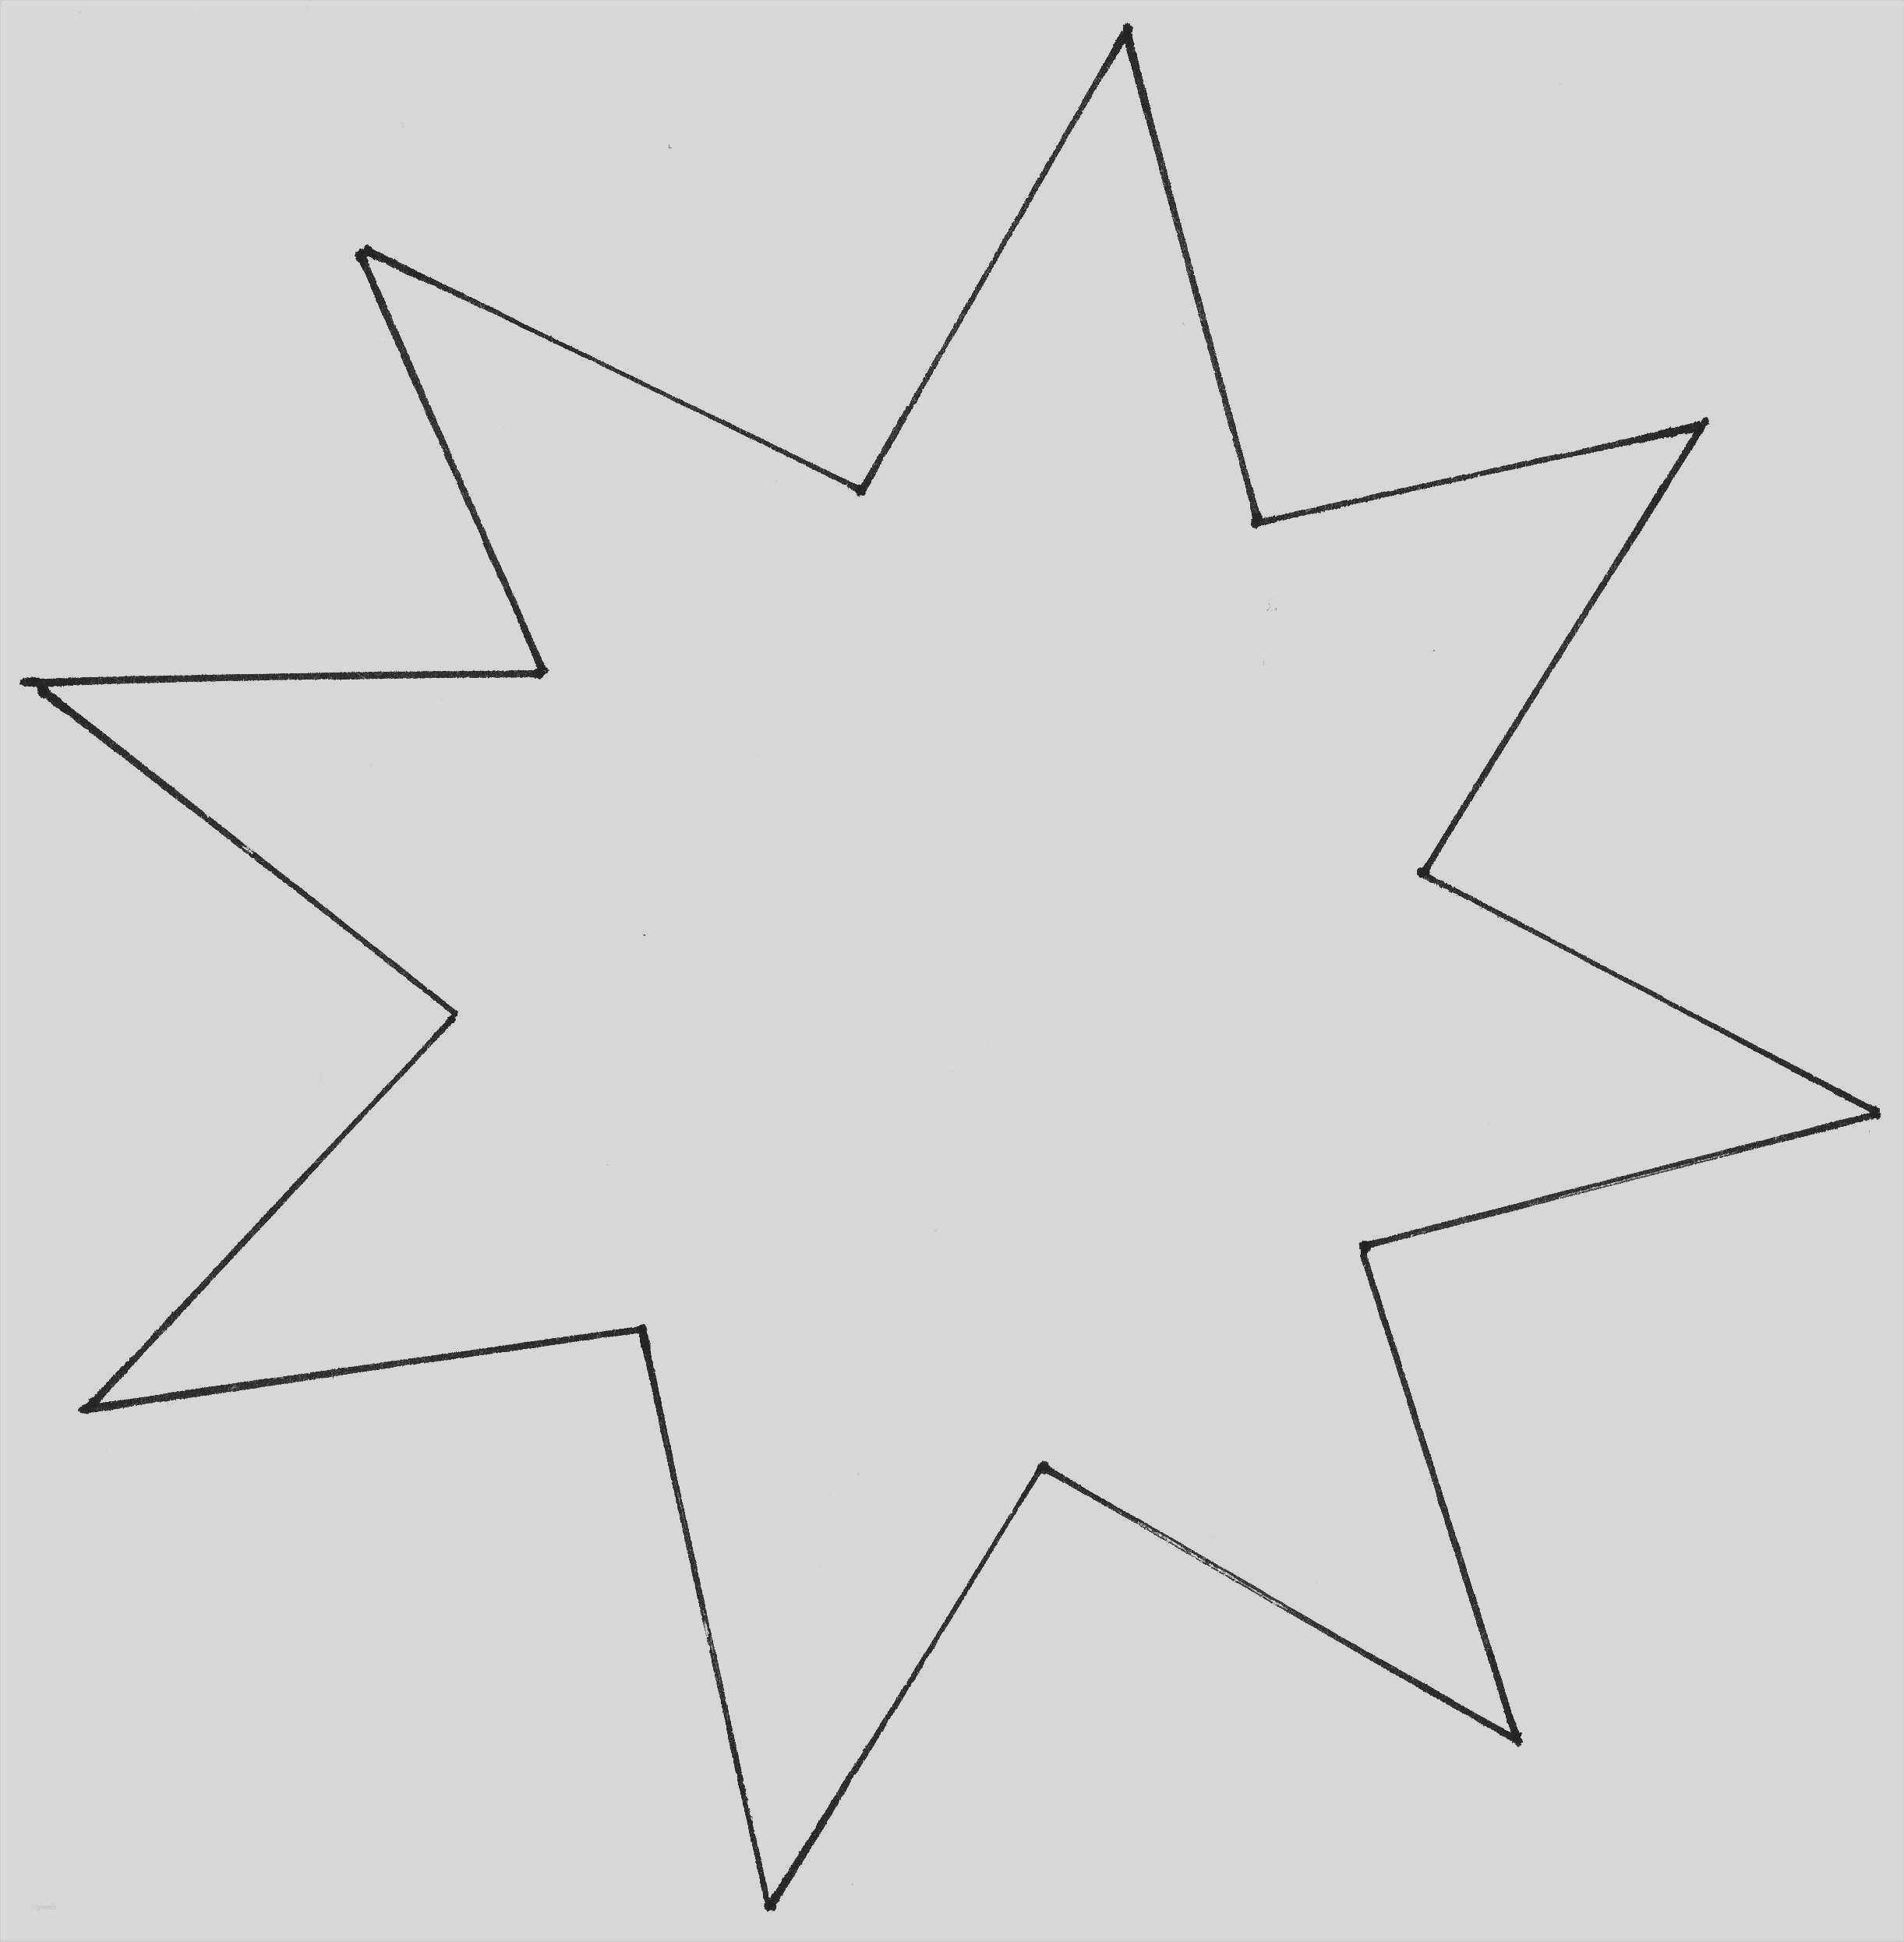 Großer Stern Vorlage 16 Inspiration Jene Können Einstellen in Malvorlage Stern Groß